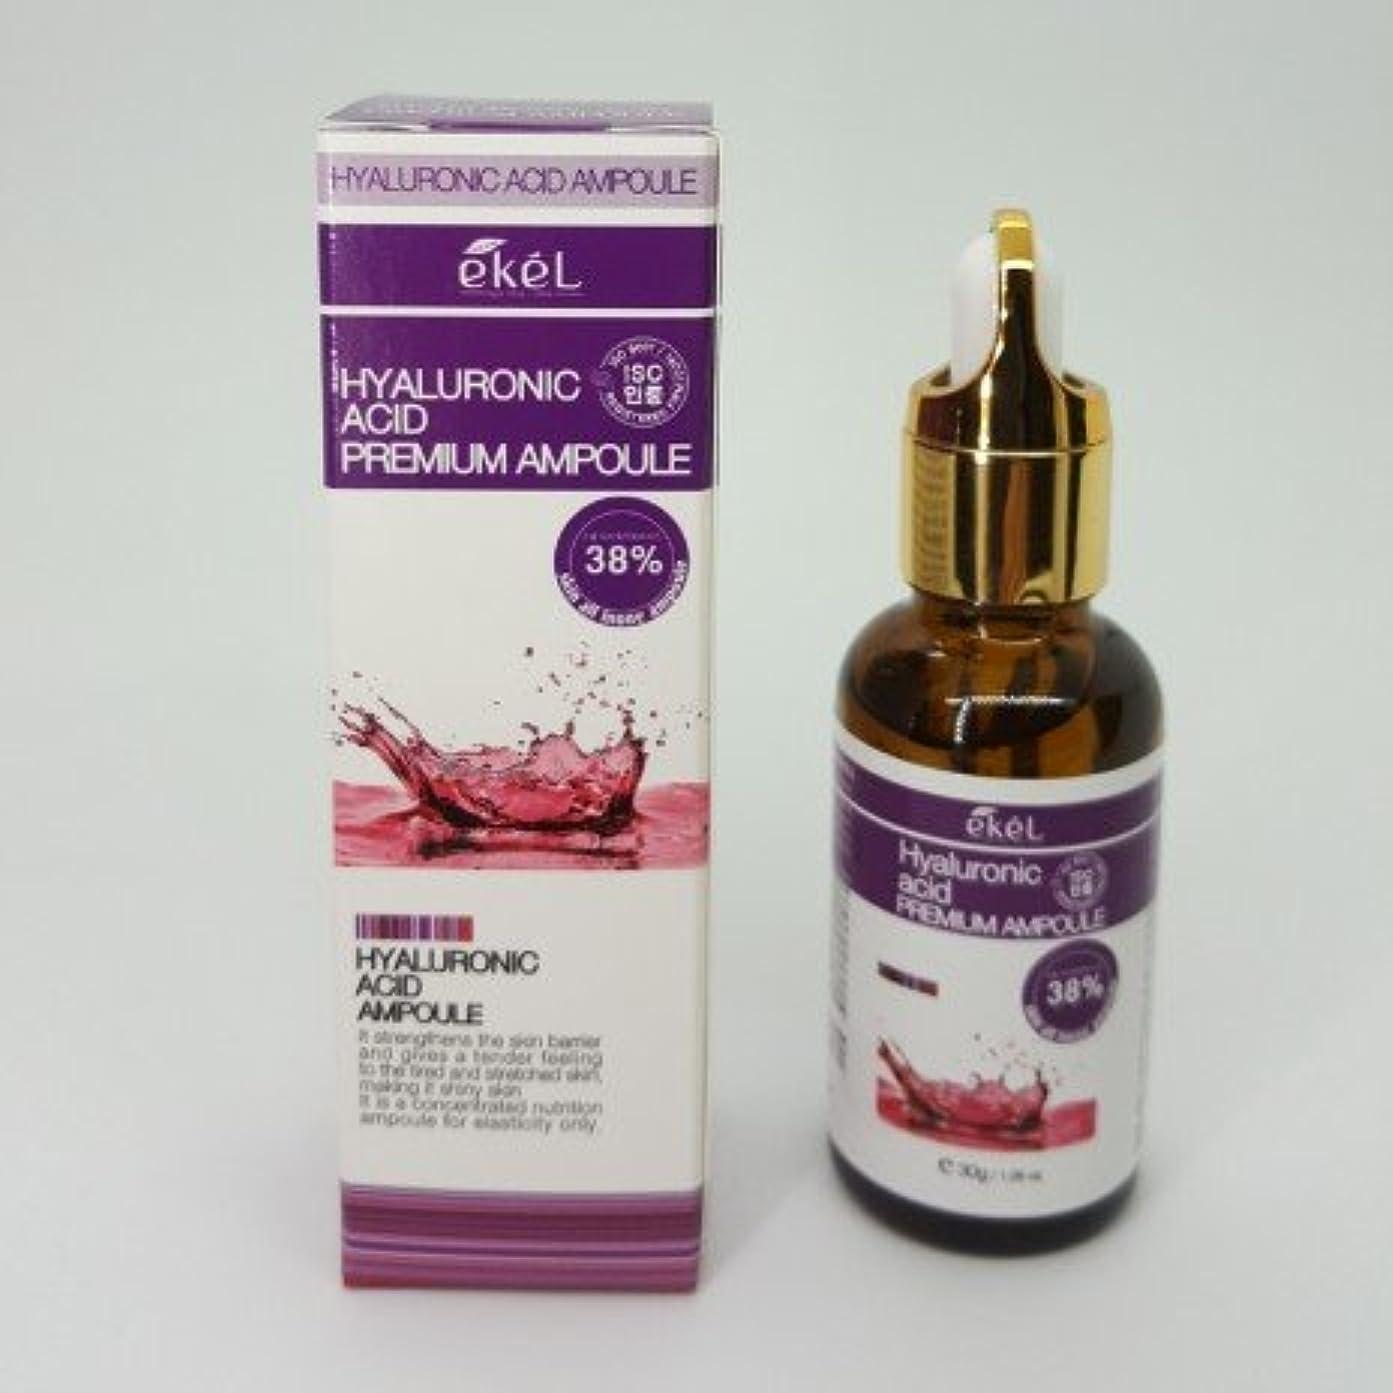 ライトニング裏切り胃[EKEL] Hyaluronic Acid Premium Ampoule 38% - 30g